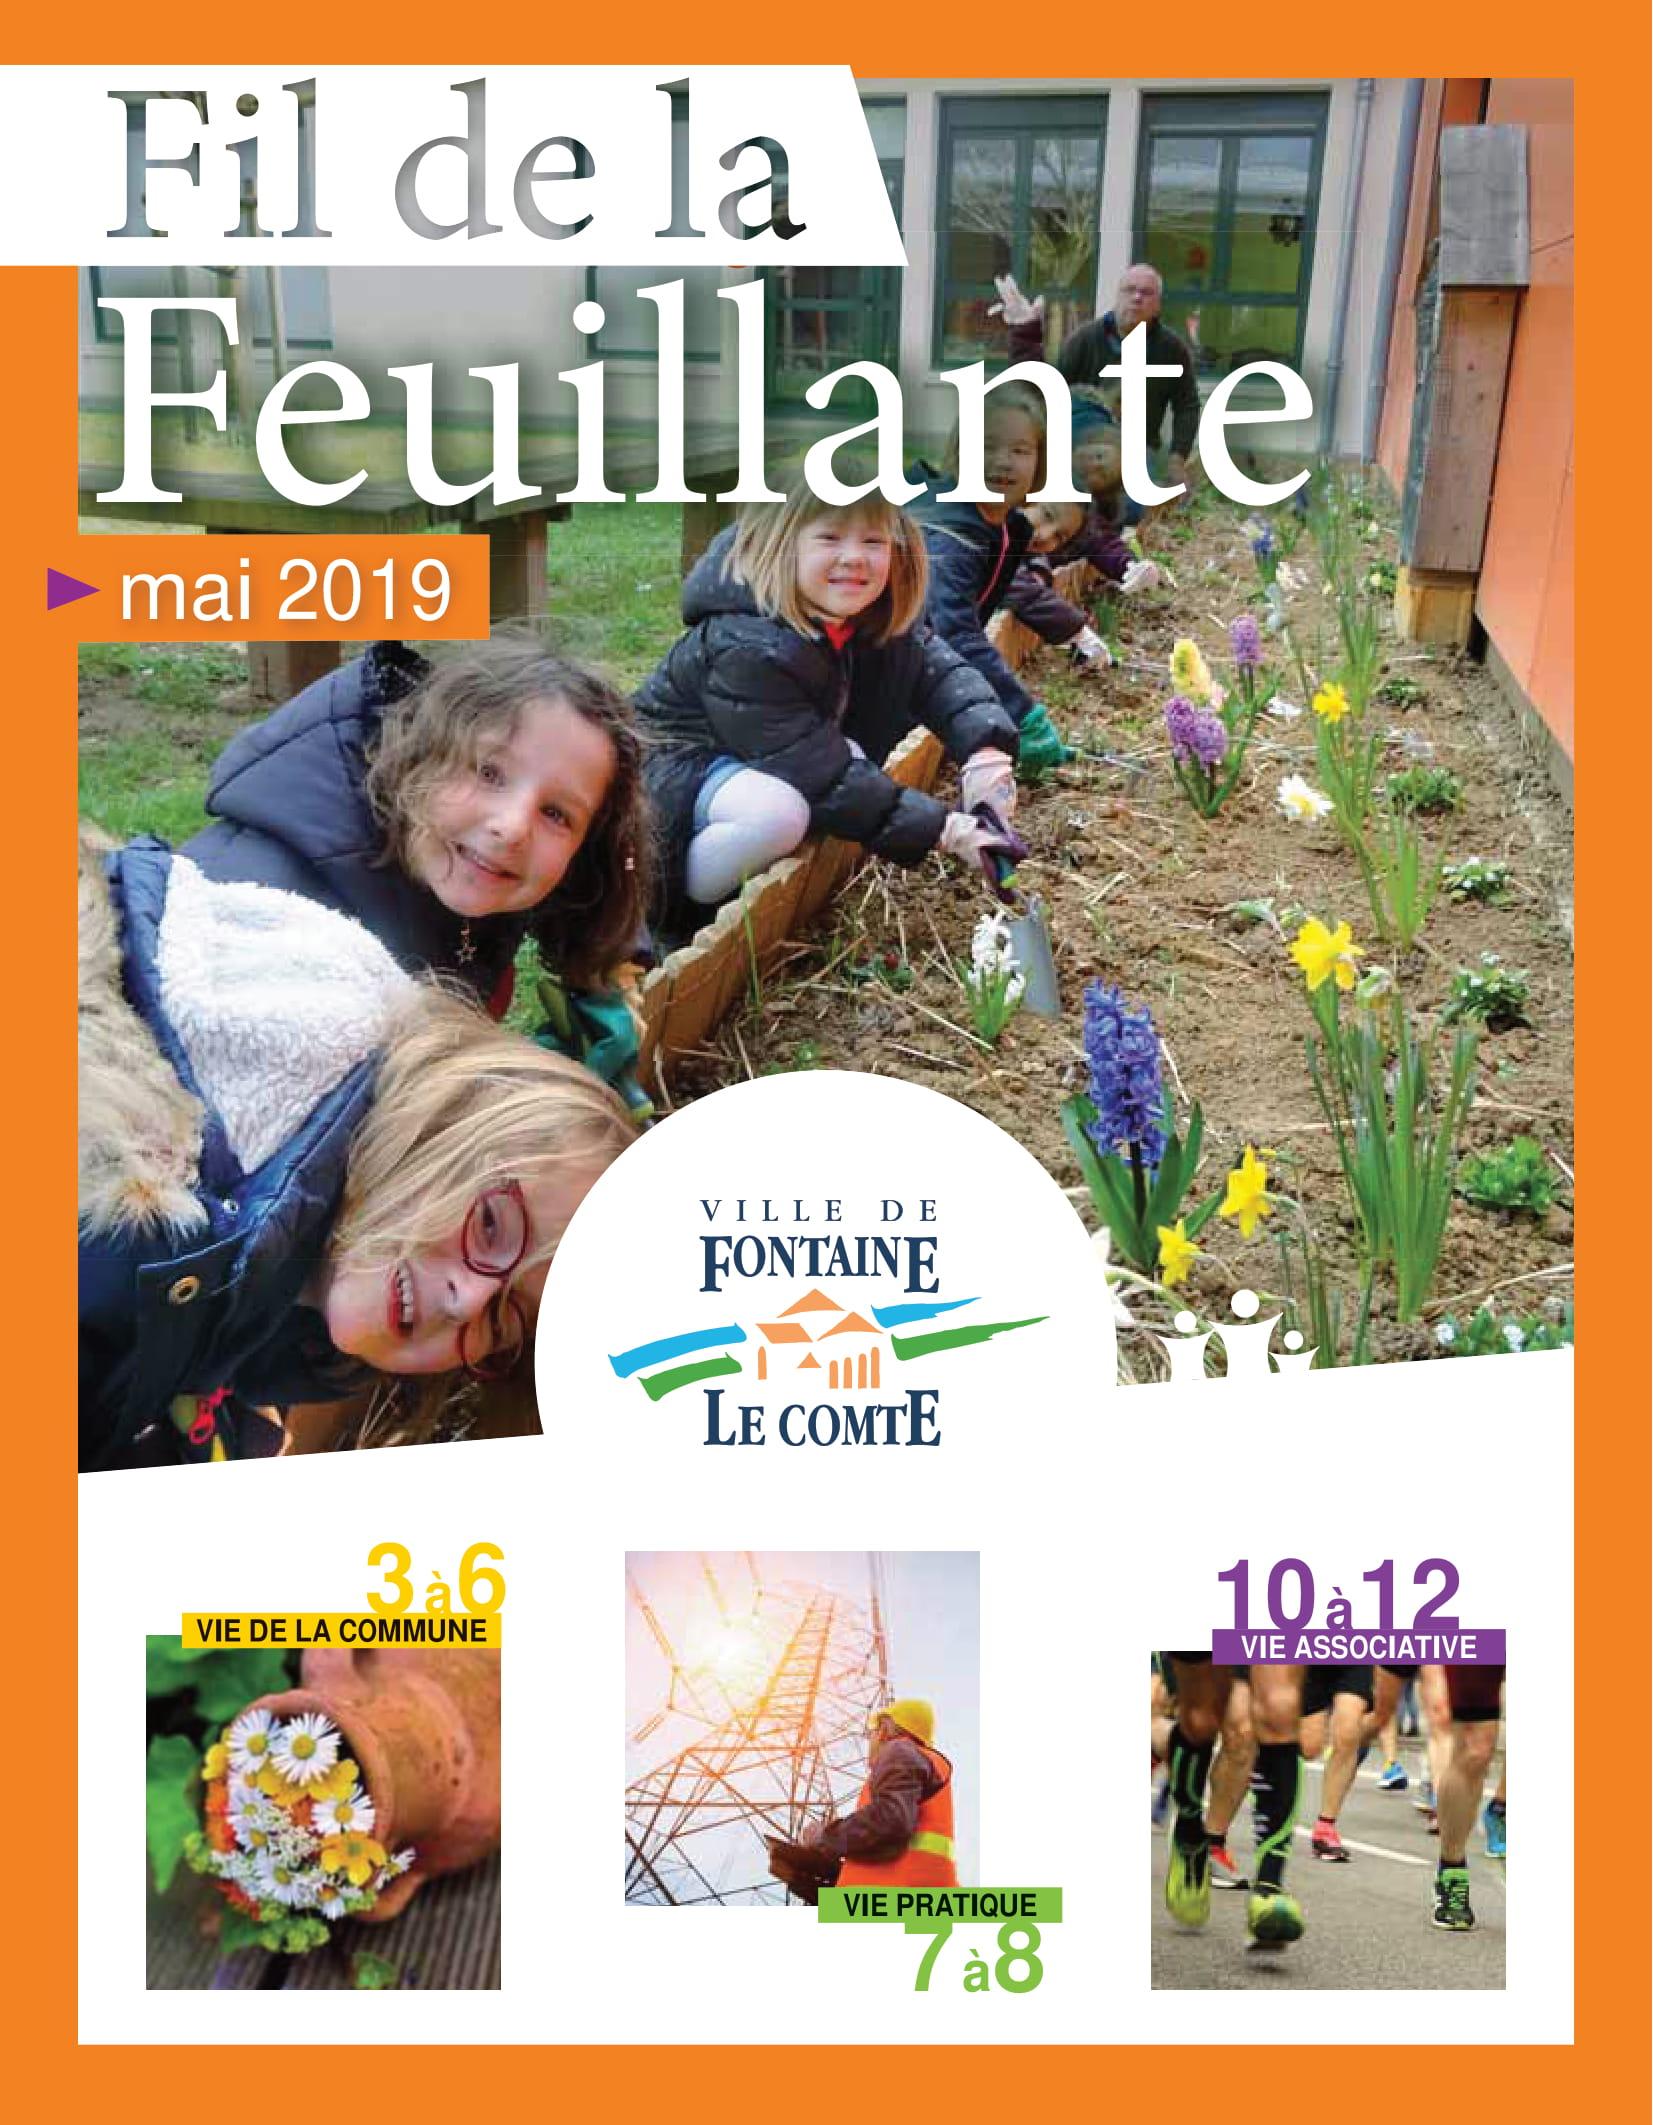 Image de la publication